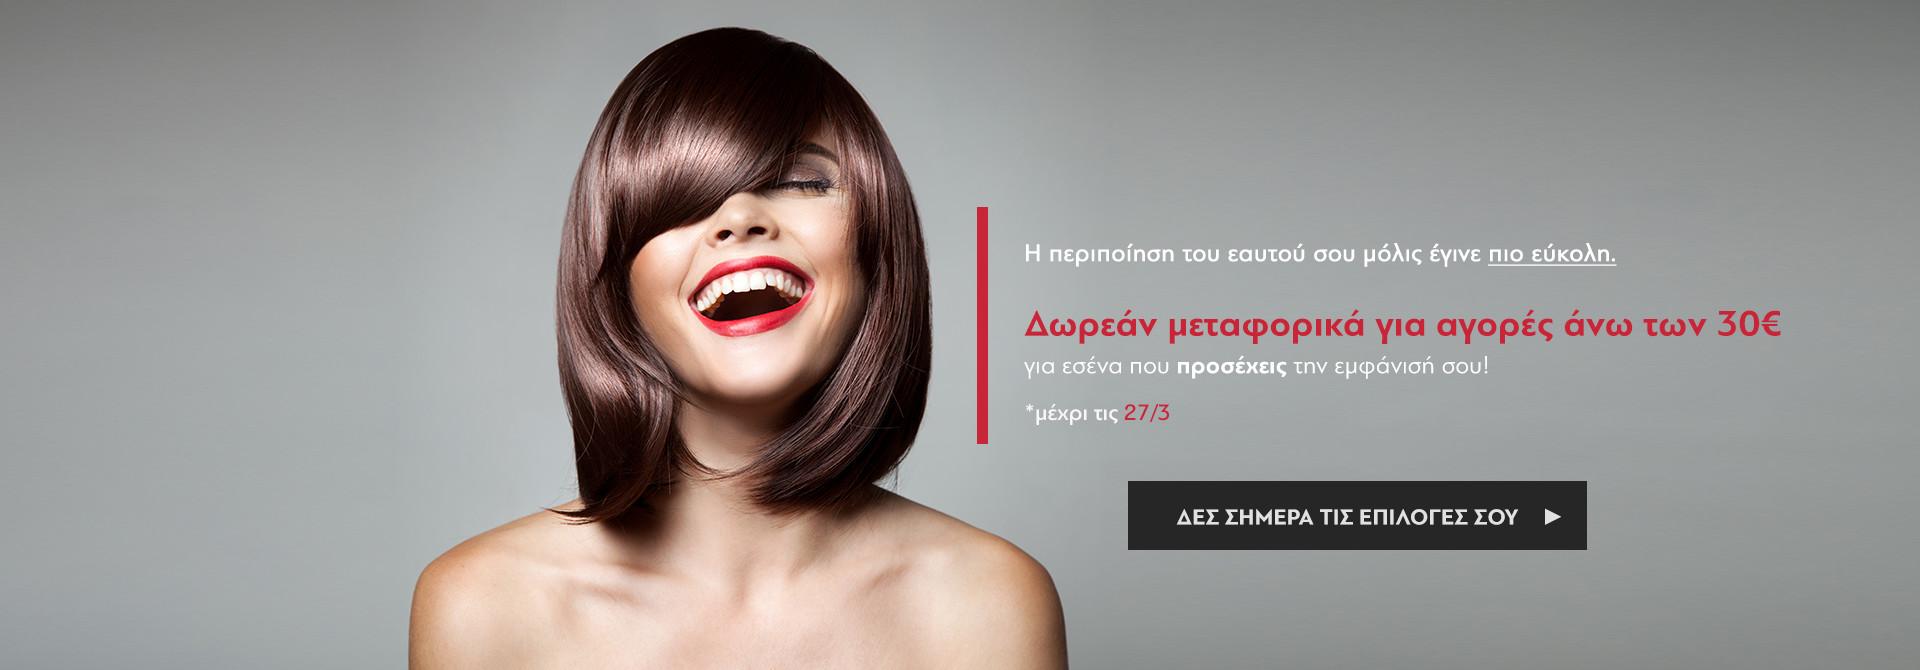 περίποιηση μαλλιών letif δωρεάν μεταφορικά άνω των 30€